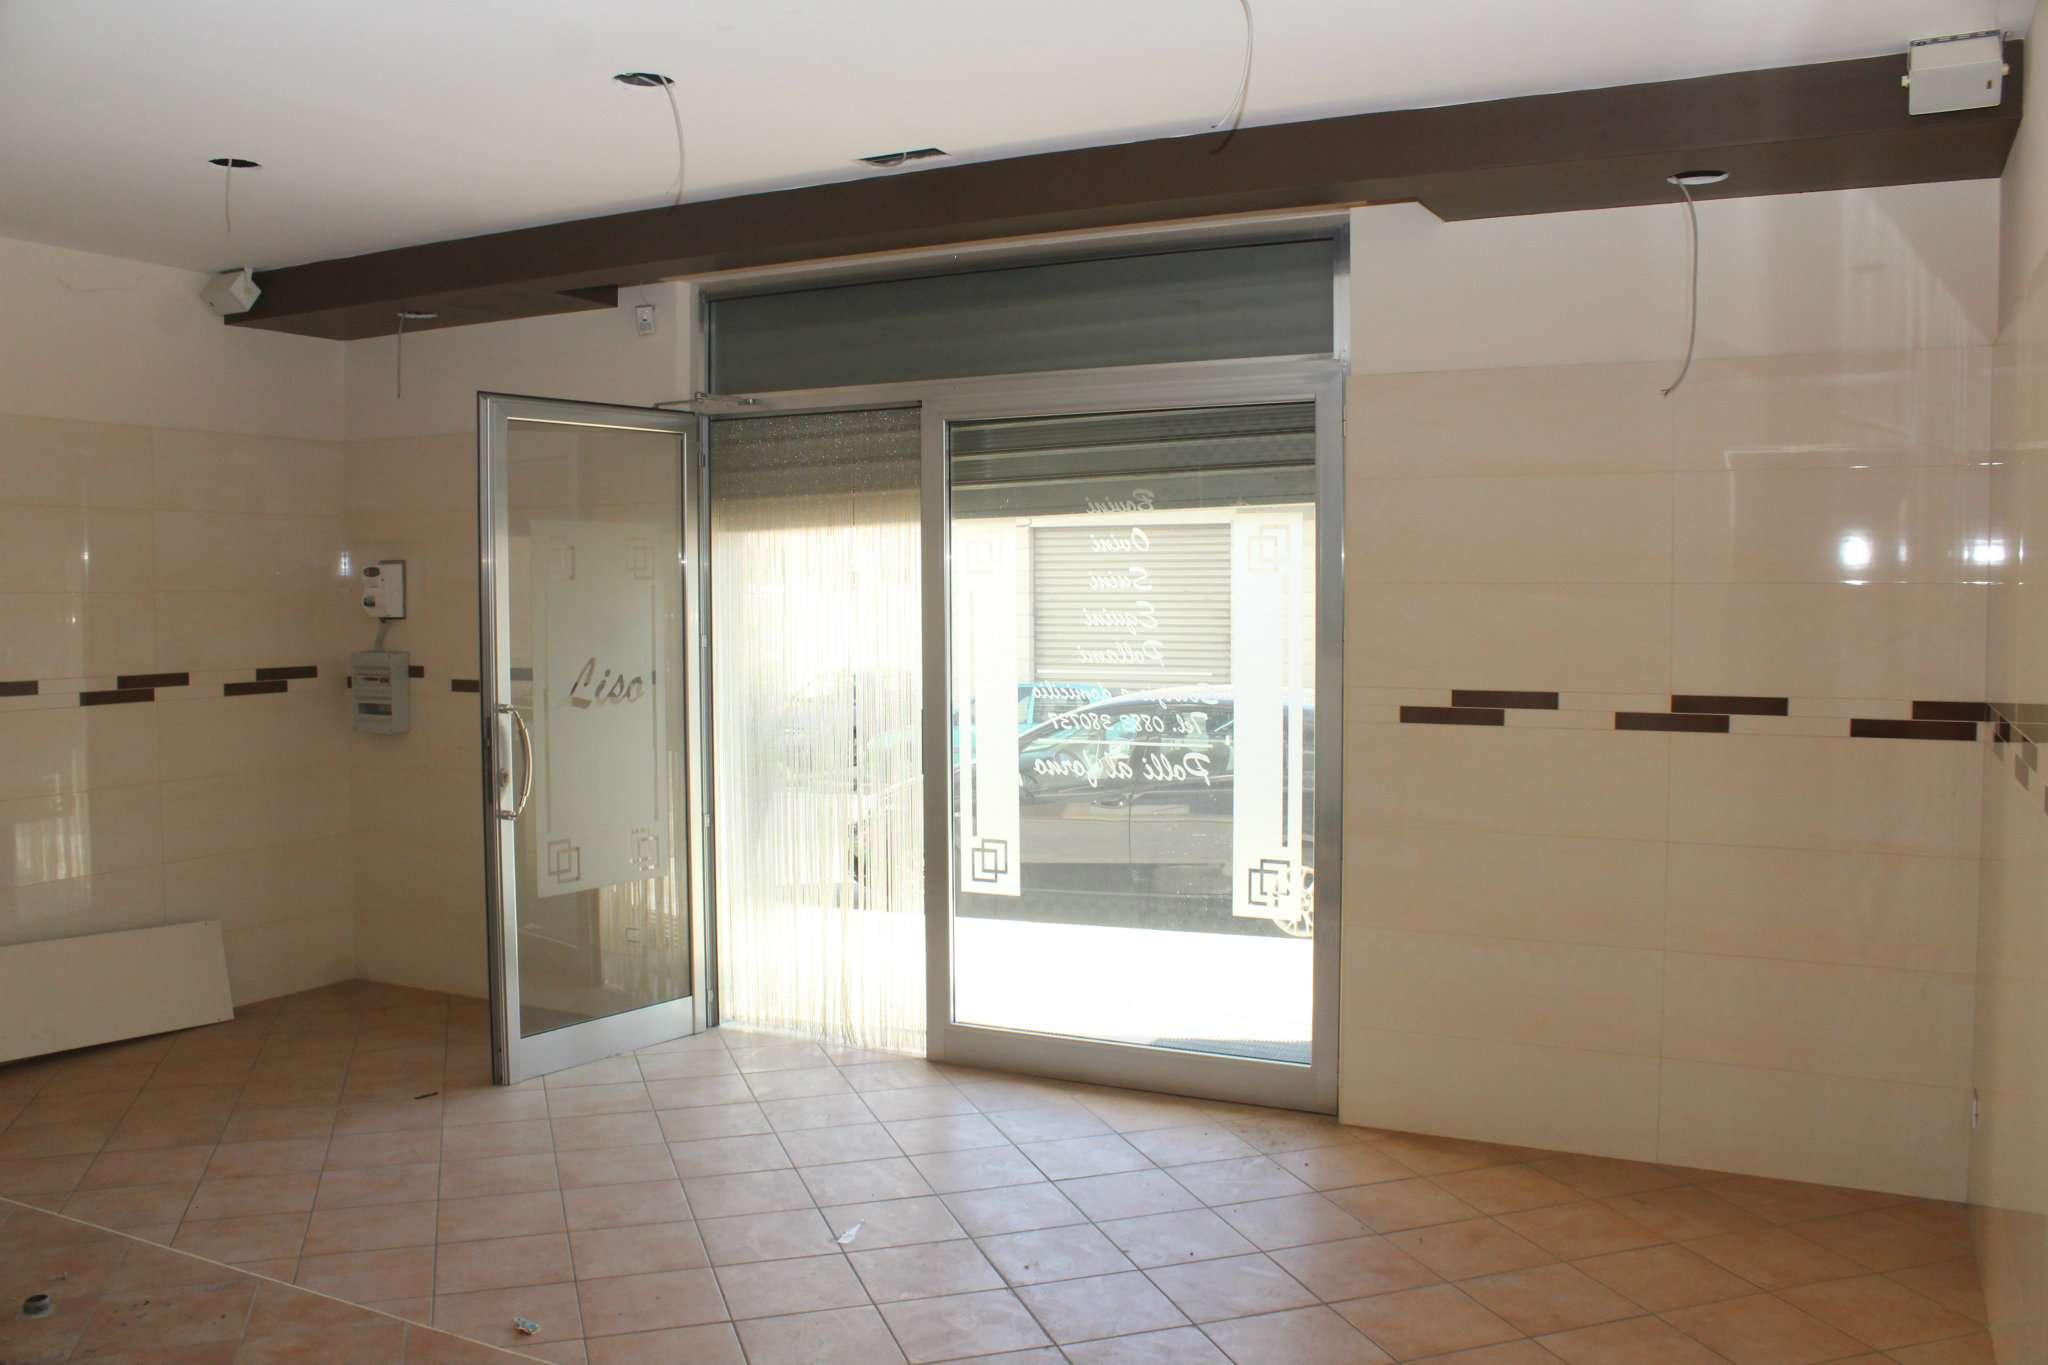 Negozio / Locale in vendita a Andria, 1 locali, prezzo € 450 | CambioCasa.it